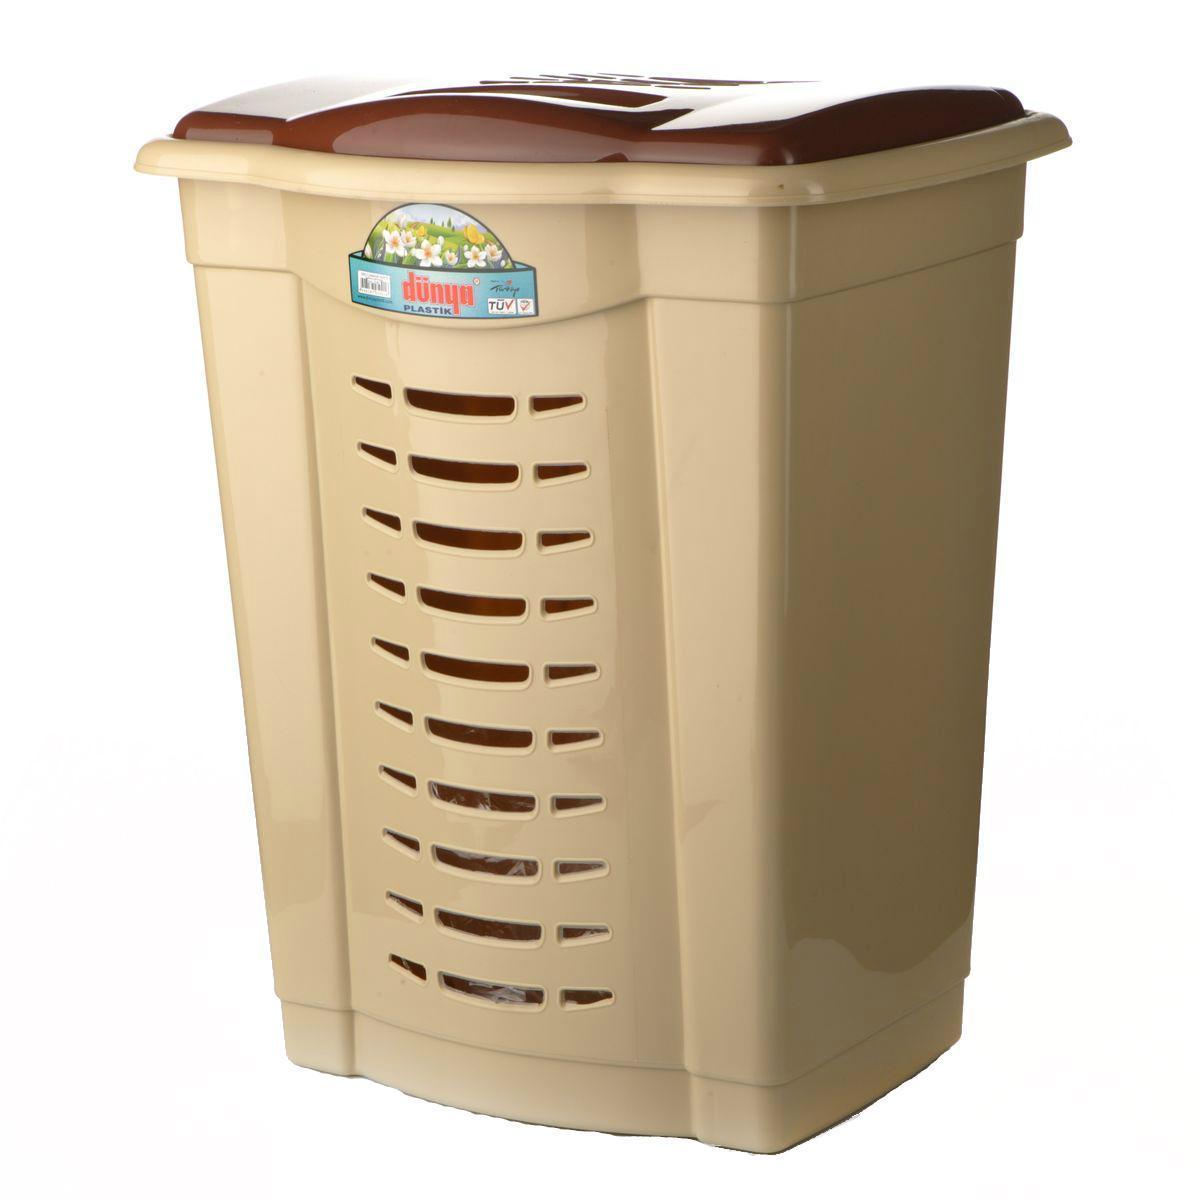 Корзина для белья Dunya Plastik, цвет: бежевый, коричневый, 43 х 33 х 54 см5001Уже около сорока лет Dunya Plastik (Дунья Пластик) занимает важное место среди производителей пластмассовых изделий. И благодаря качеству производимой продукции, эстетике и безопасности для здоровья человека и удобству изделий в использовании, привлекая покупателей доступными ценами и расширяя ассортимент, учитывая спрос, Dunya Plastik (Дунья Пластик) является одной из лидирующих в своем секторе компаний и популярной маркой. Корзина пластиковая Dunya Plastik 5001 соберет вещи в одном месте.